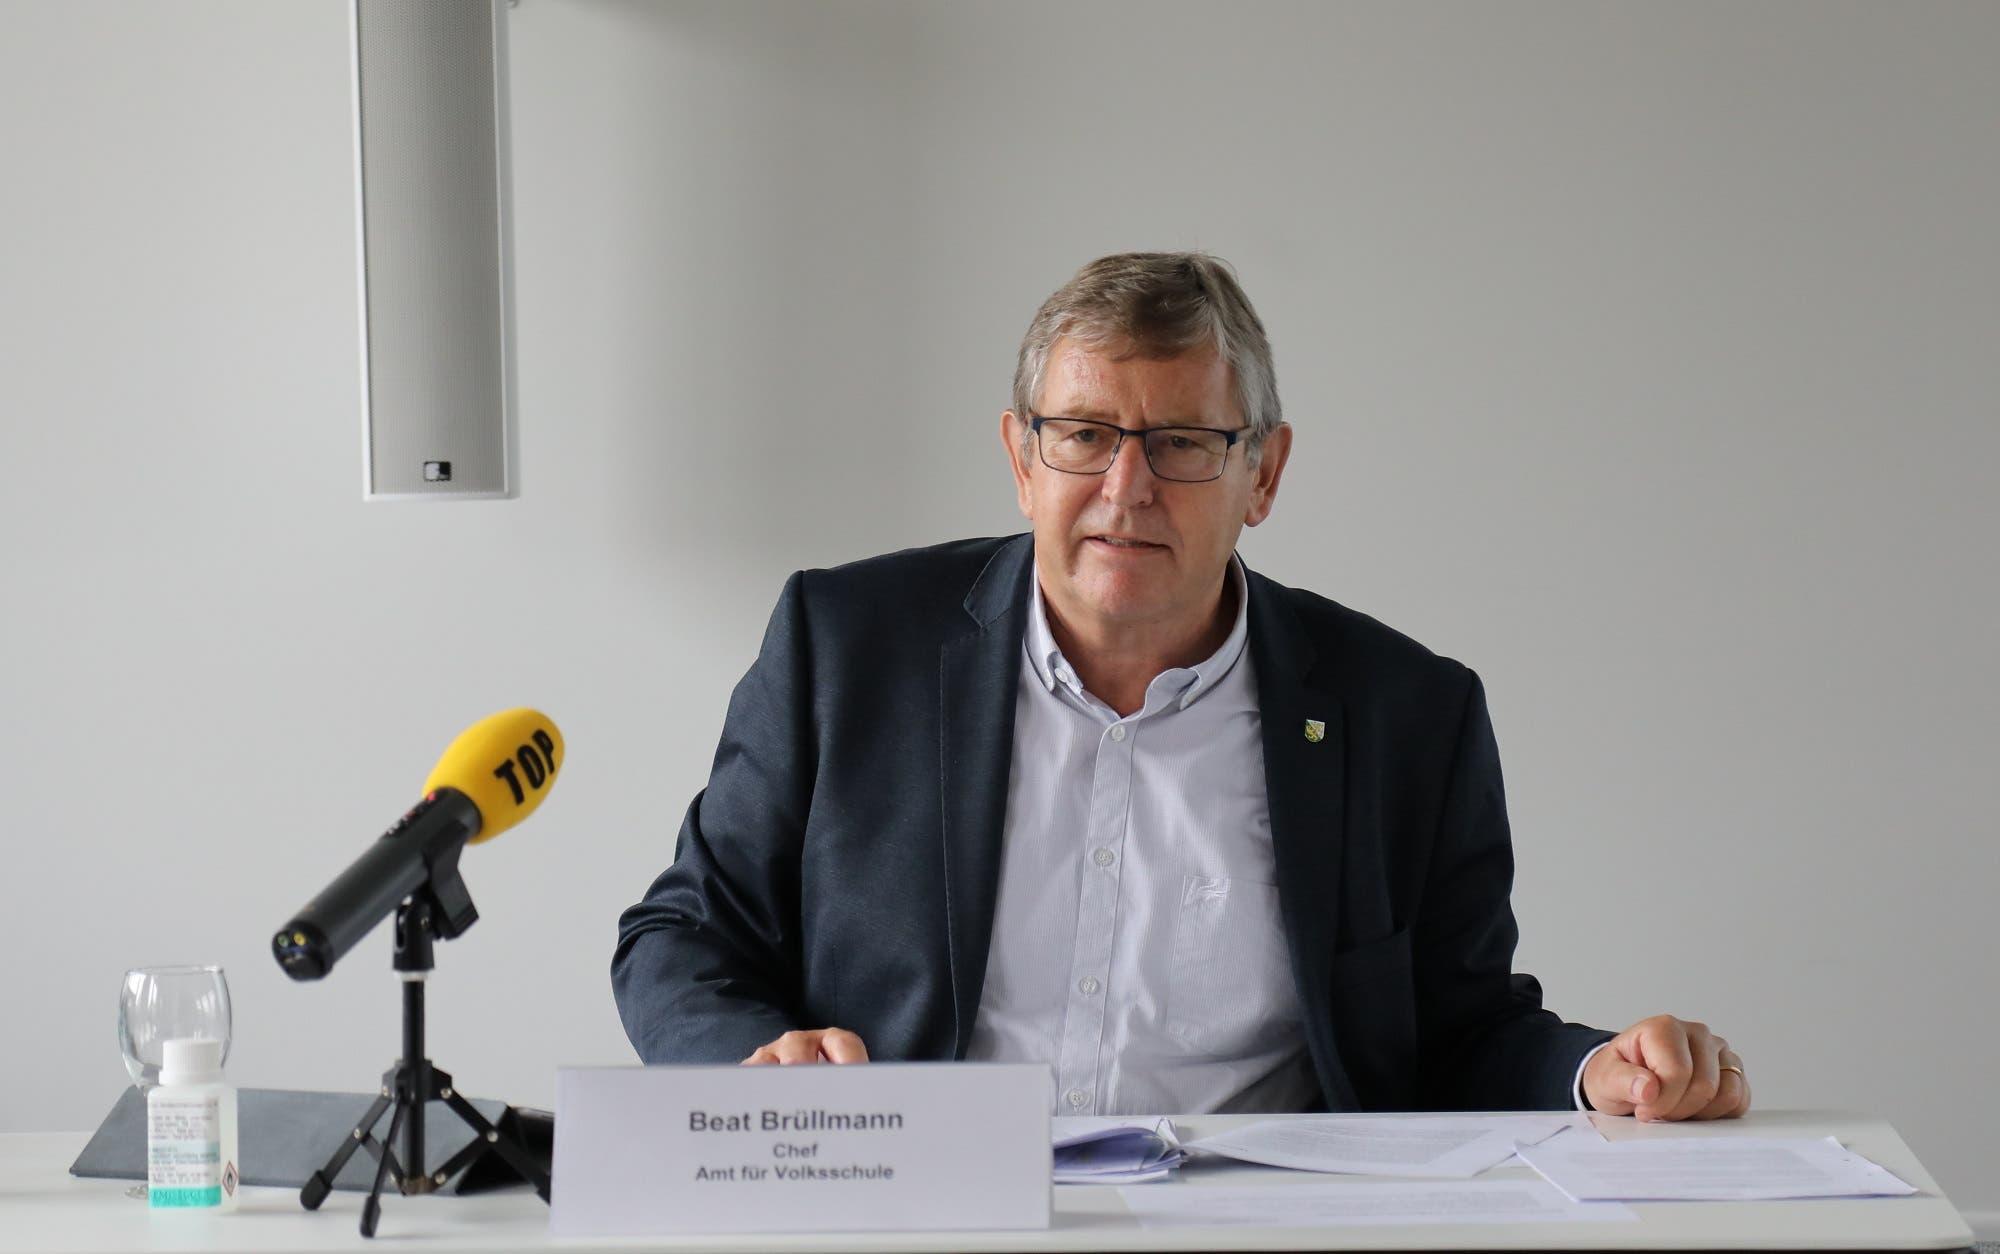 Informierte heute über die Öffnung der Schulen im Thurgau: Beat Brüllmann, Chef des Amts für Volksschule.